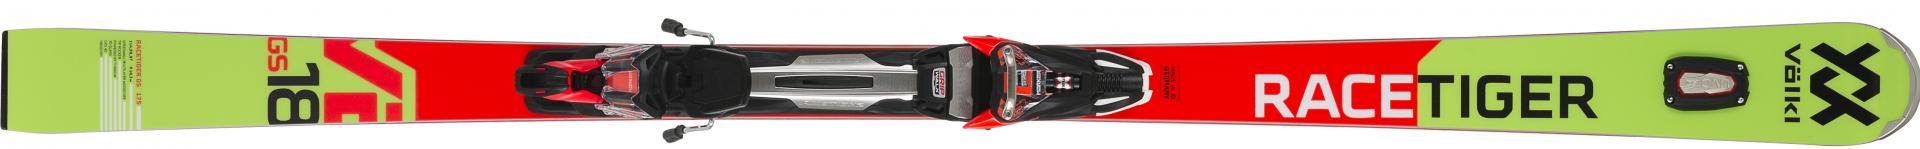 7. Völkl Racetiger GS